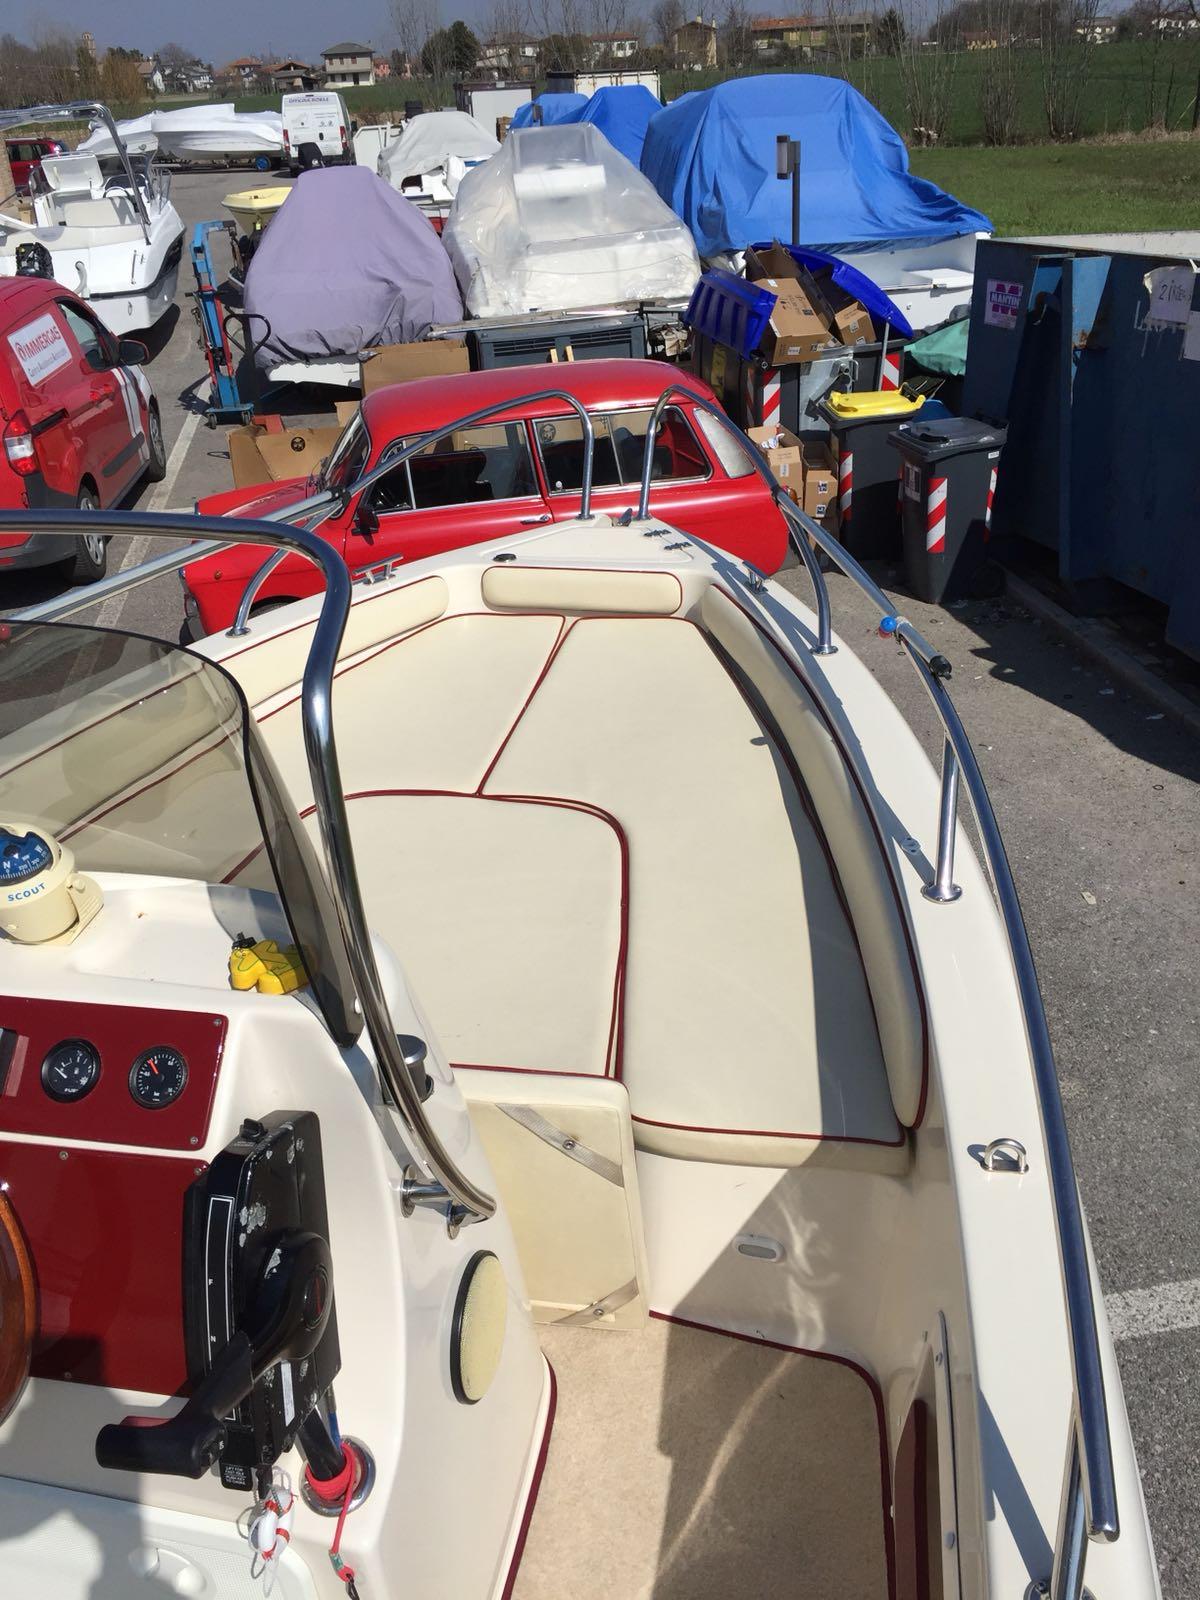 Foto Occasione Open 19.5 Adriatic + Mercury F 40 Orion usato - 13